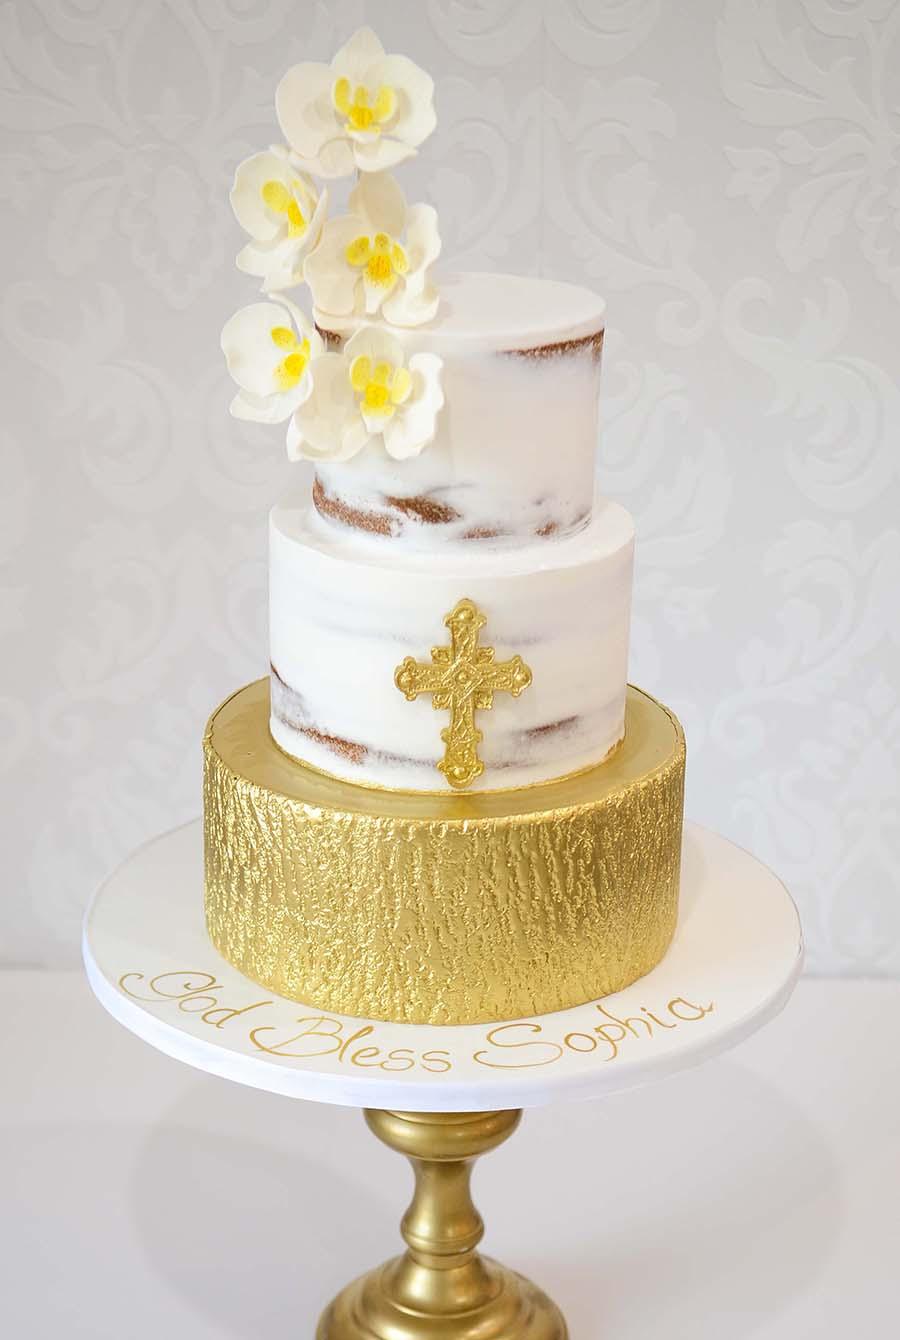 Miami Religious Cakes | First Communion Cakes | Baptism Cakes 2018